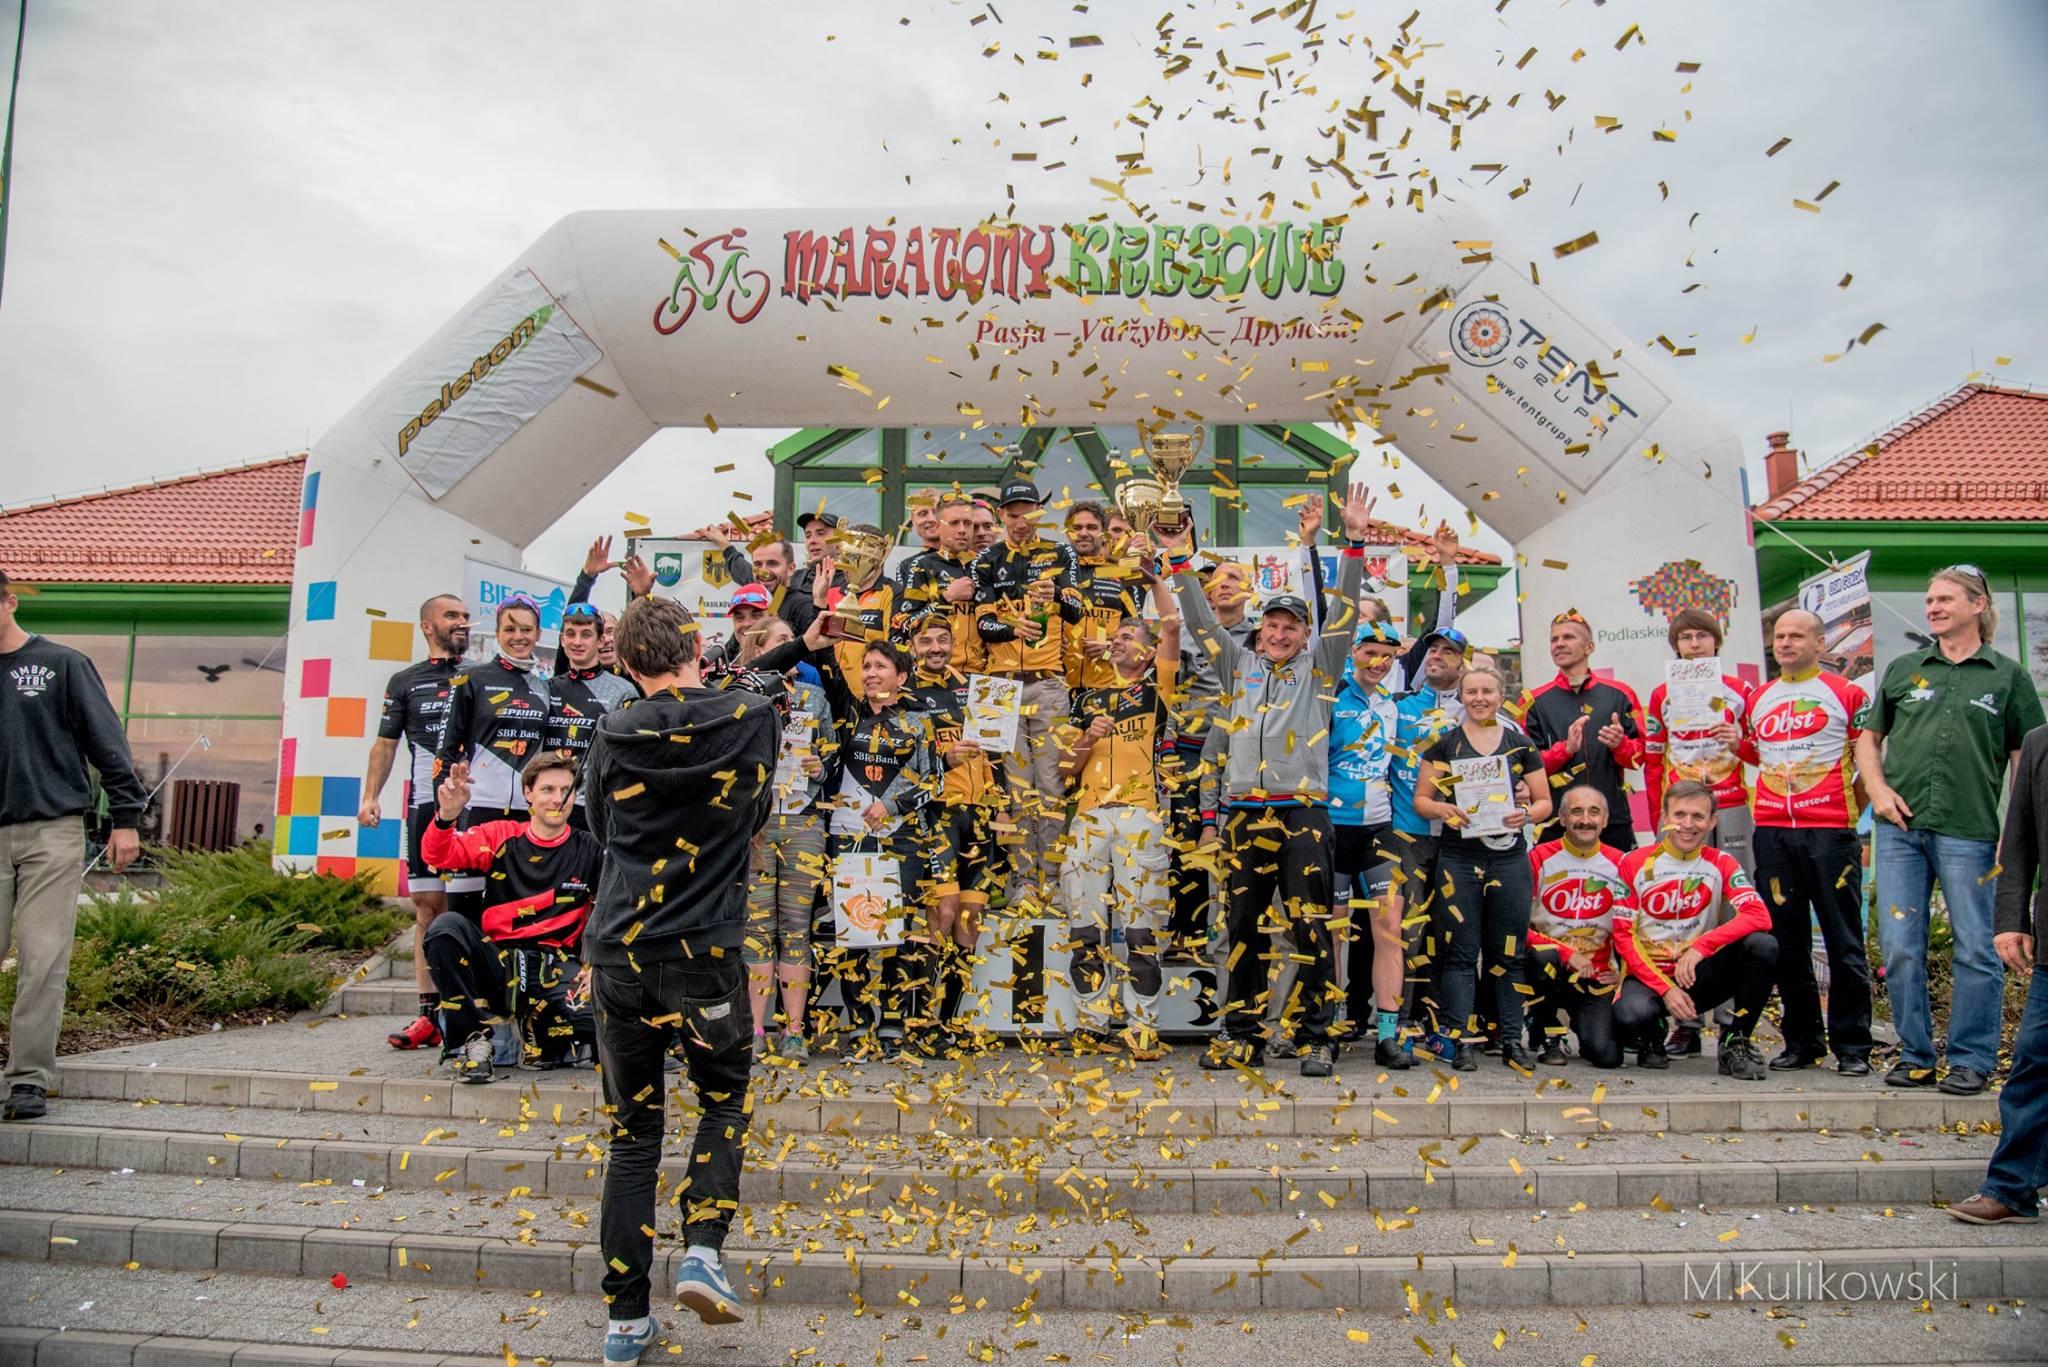 Maratony Kresowe zakończyły sezon w Gołdapi